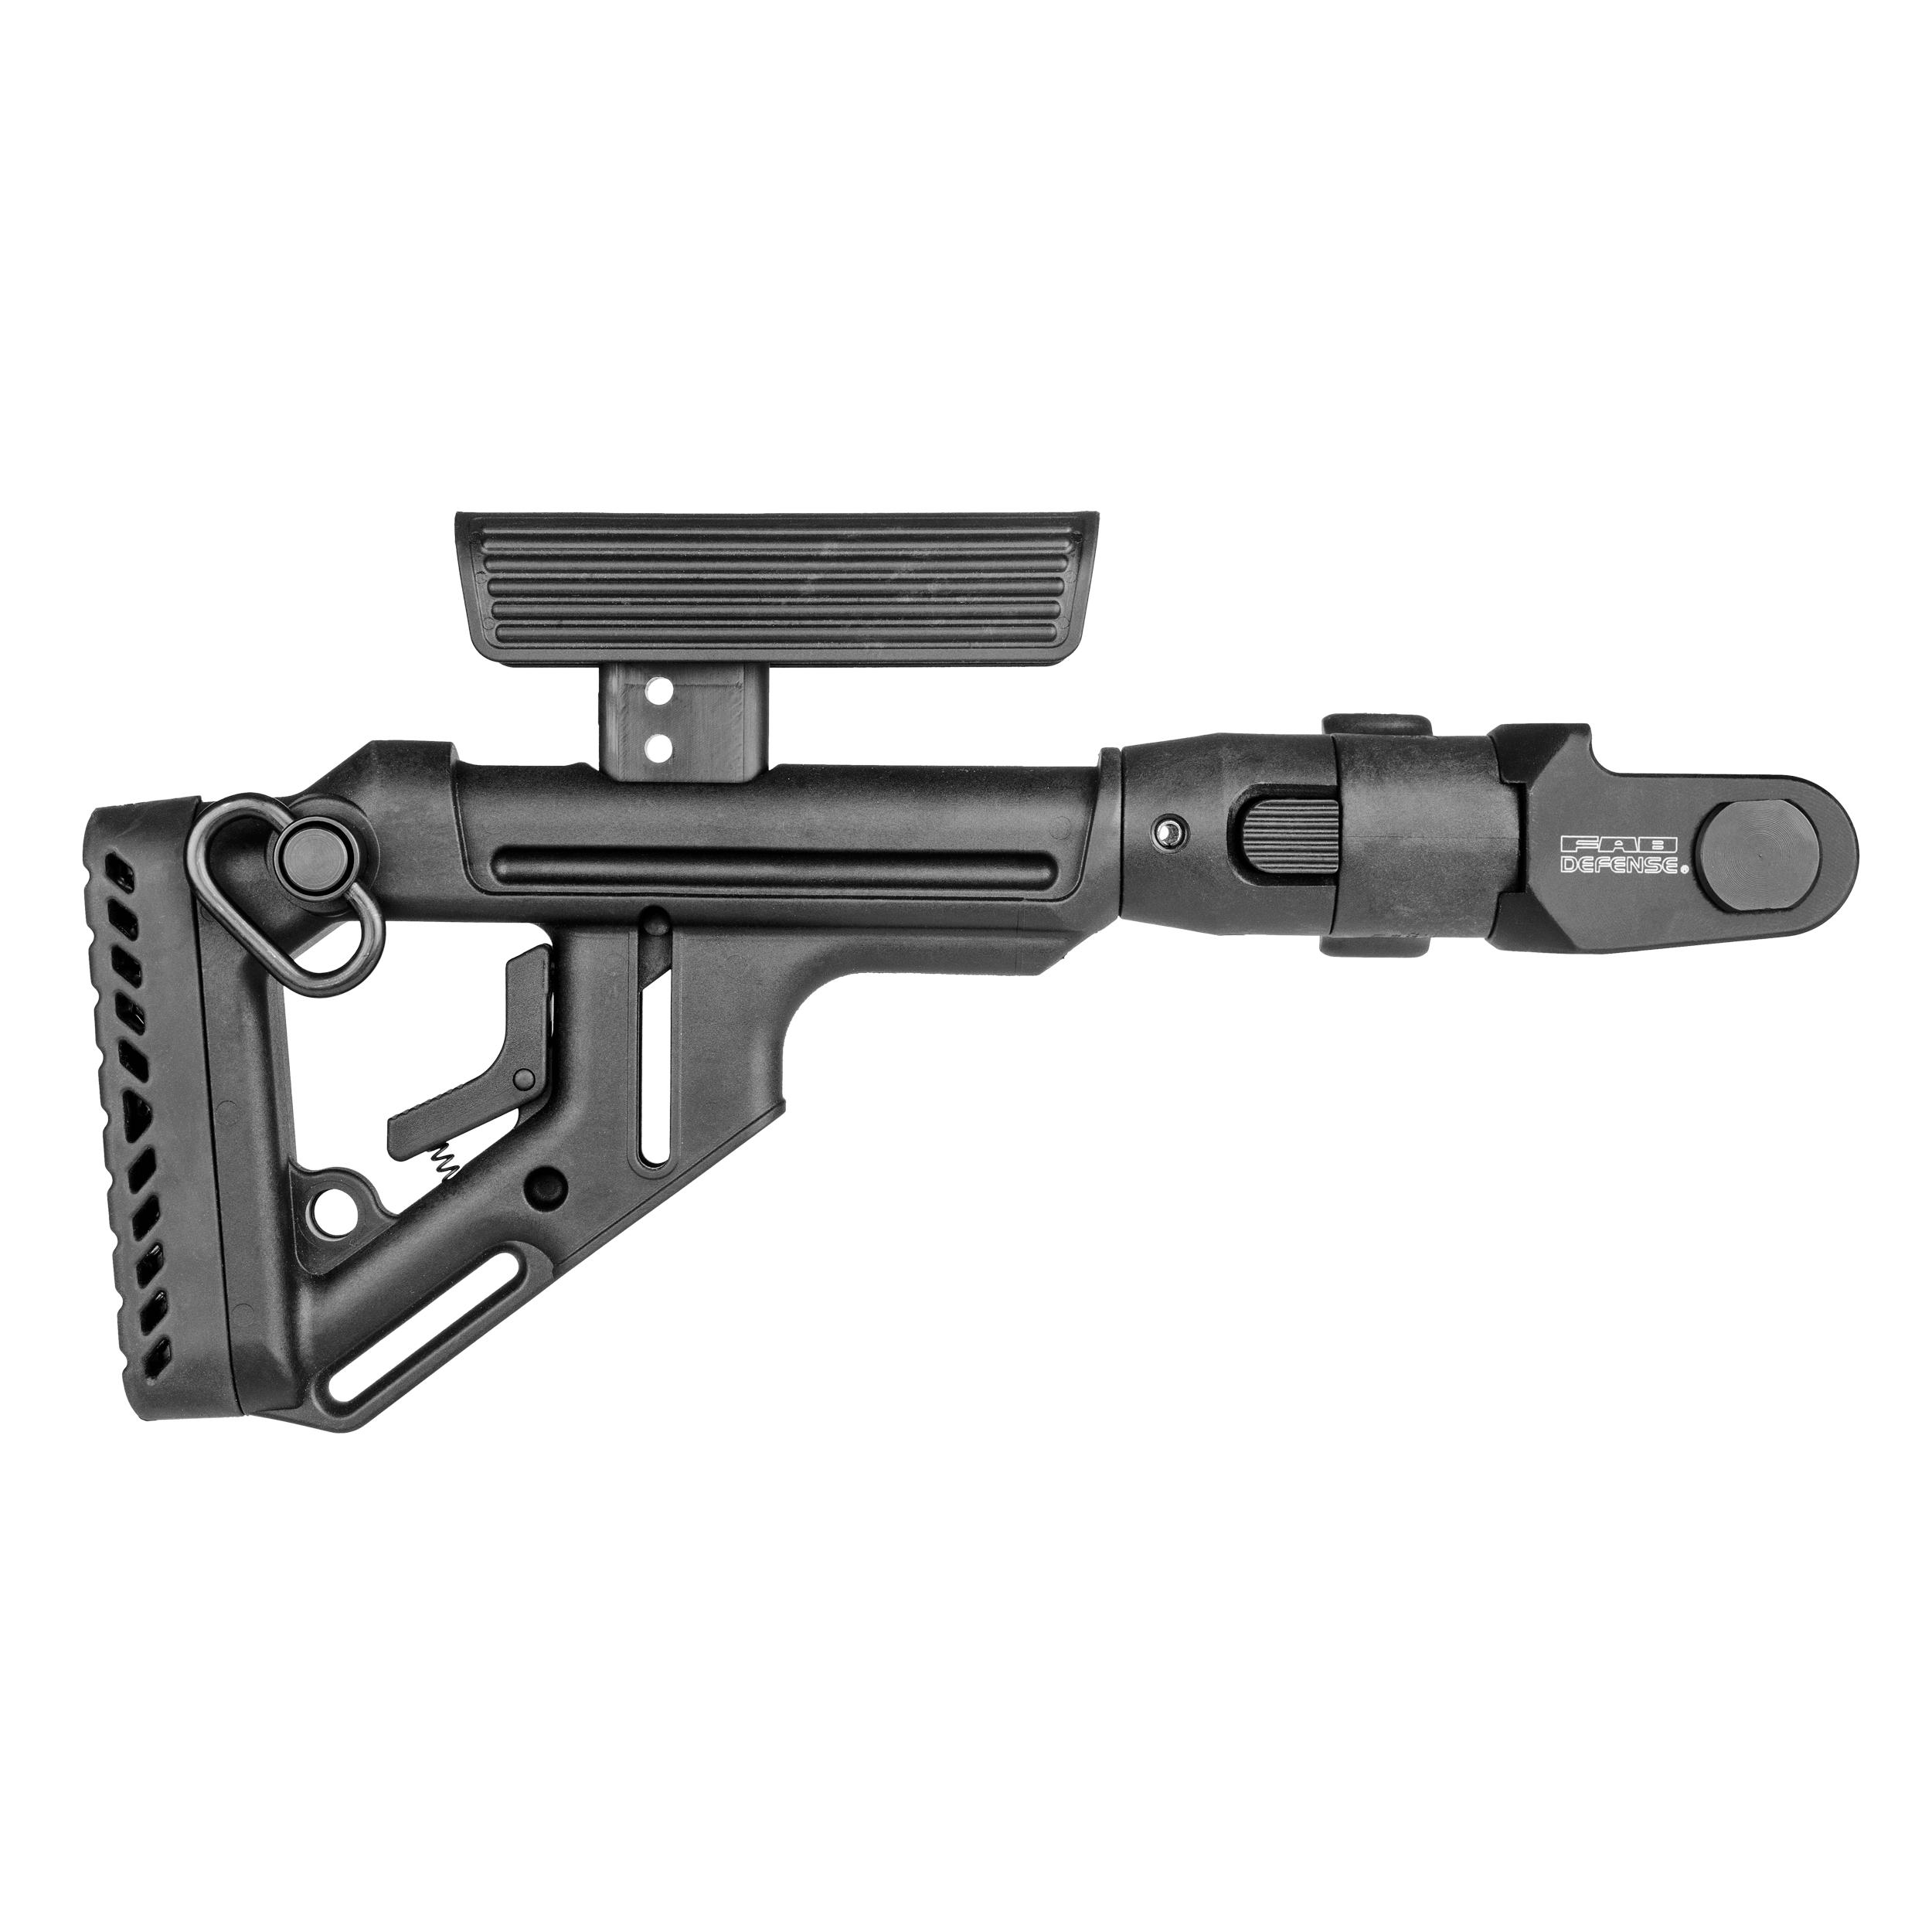 AKMS folding buttstock / cheek rest (underfolder)